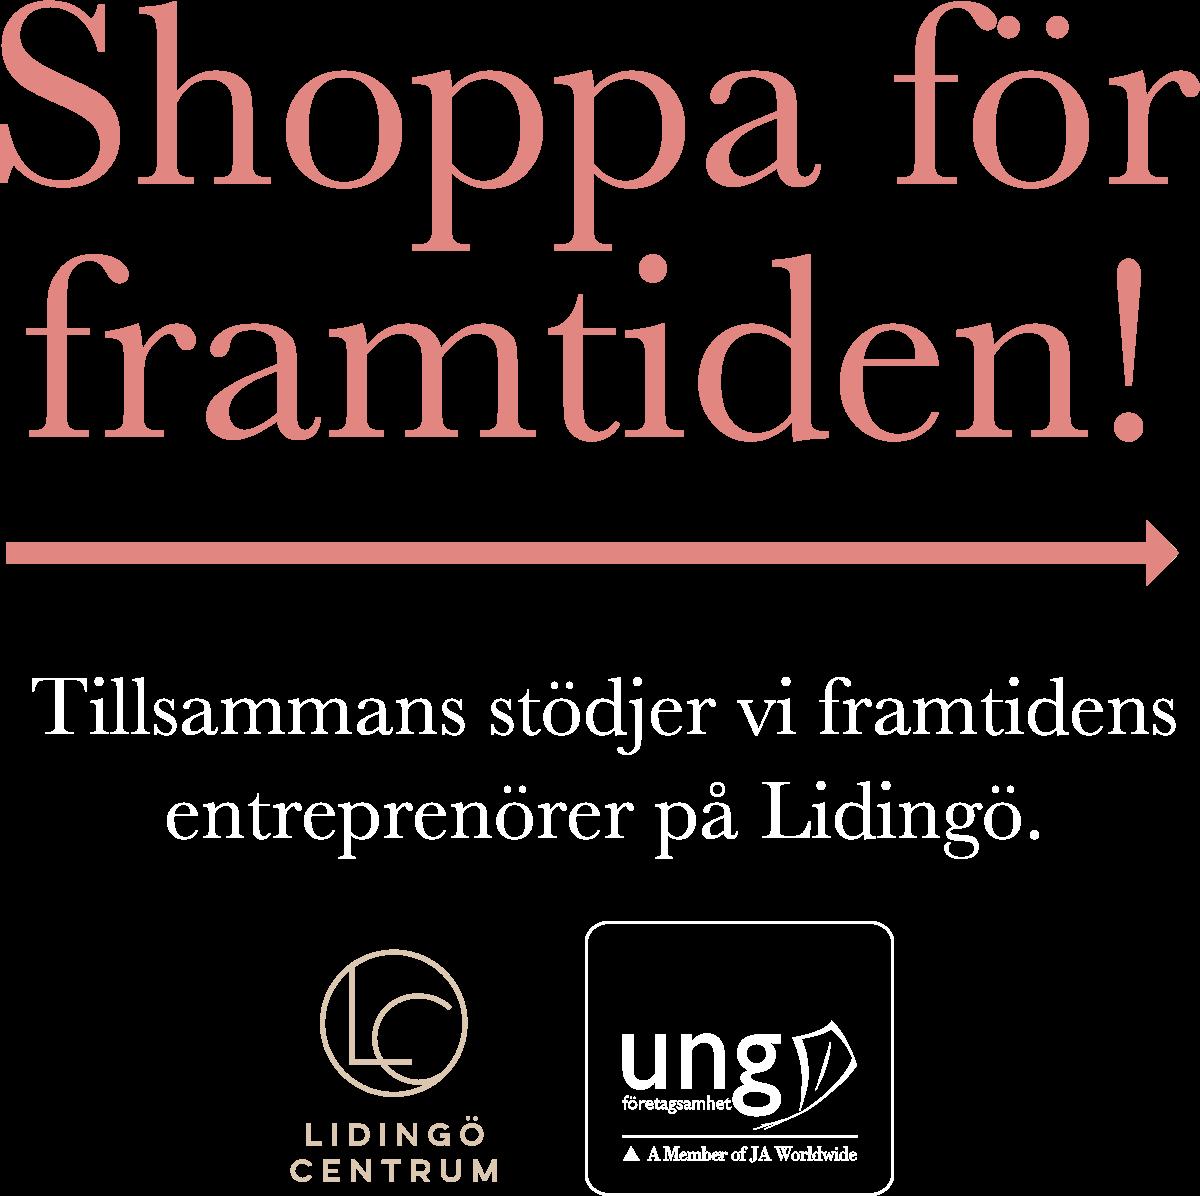 Shoppa för framtiden! Tillsammans stödjer vi framtidens entreprenörer på Lidingö